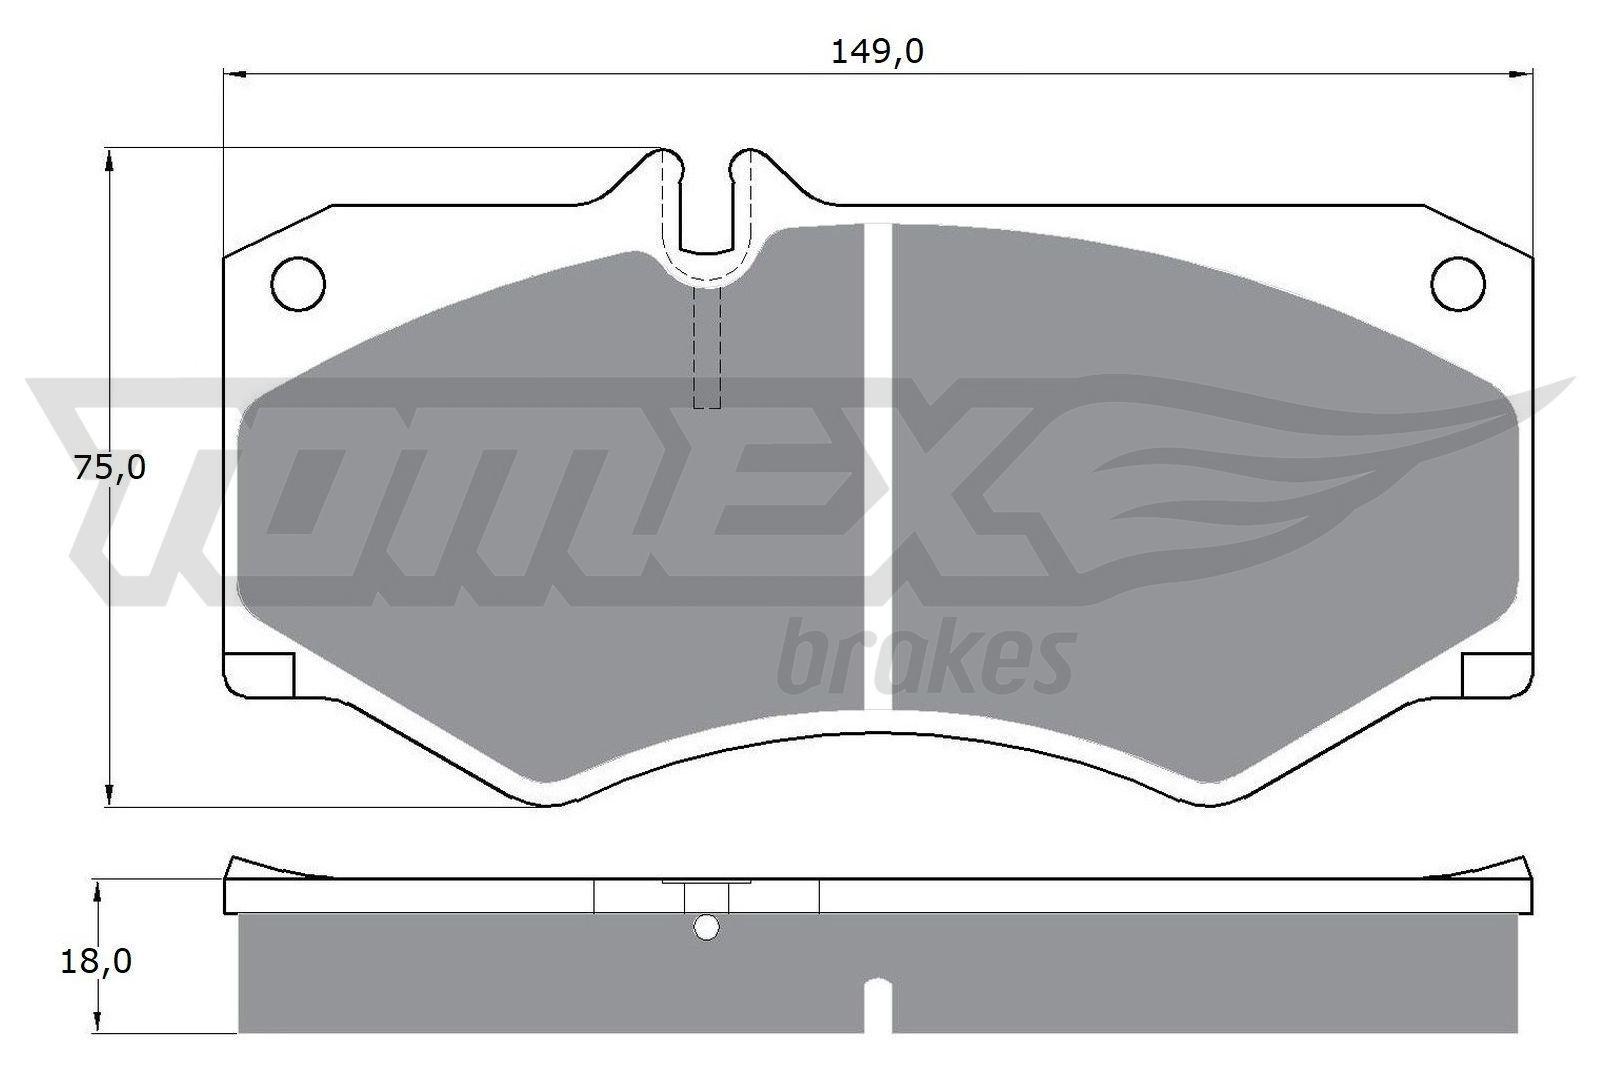 MERCEDES-BENZ T1 1991 Bremsbeläge - Original TOMEX brakes TX 10-20 Höhe: 75mm, Breite: 149mm, Dicke/Stärke: 18mm